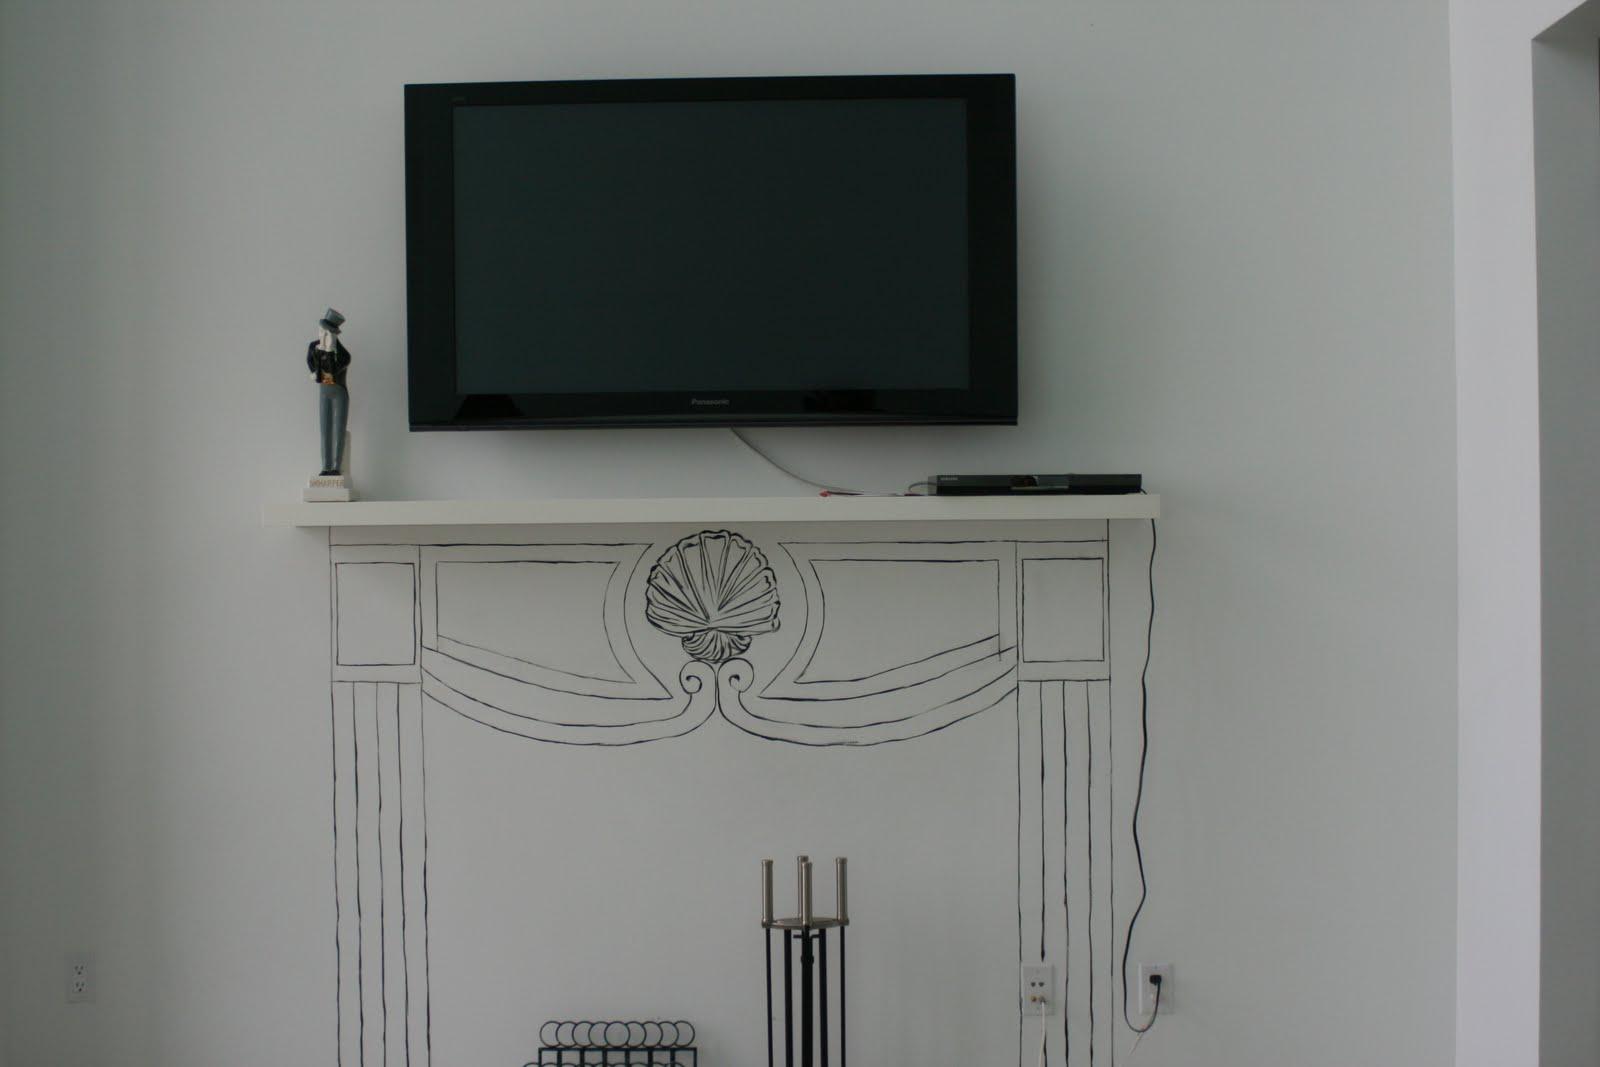 http://3.bp.blogspot.com/__wgTdCCrfeY/TBv4XLO1xbI/AAAAAAAAGL4/hfgrTDvxX8Q/s1600/Hendler+House+%26+Mouse+031.jpg